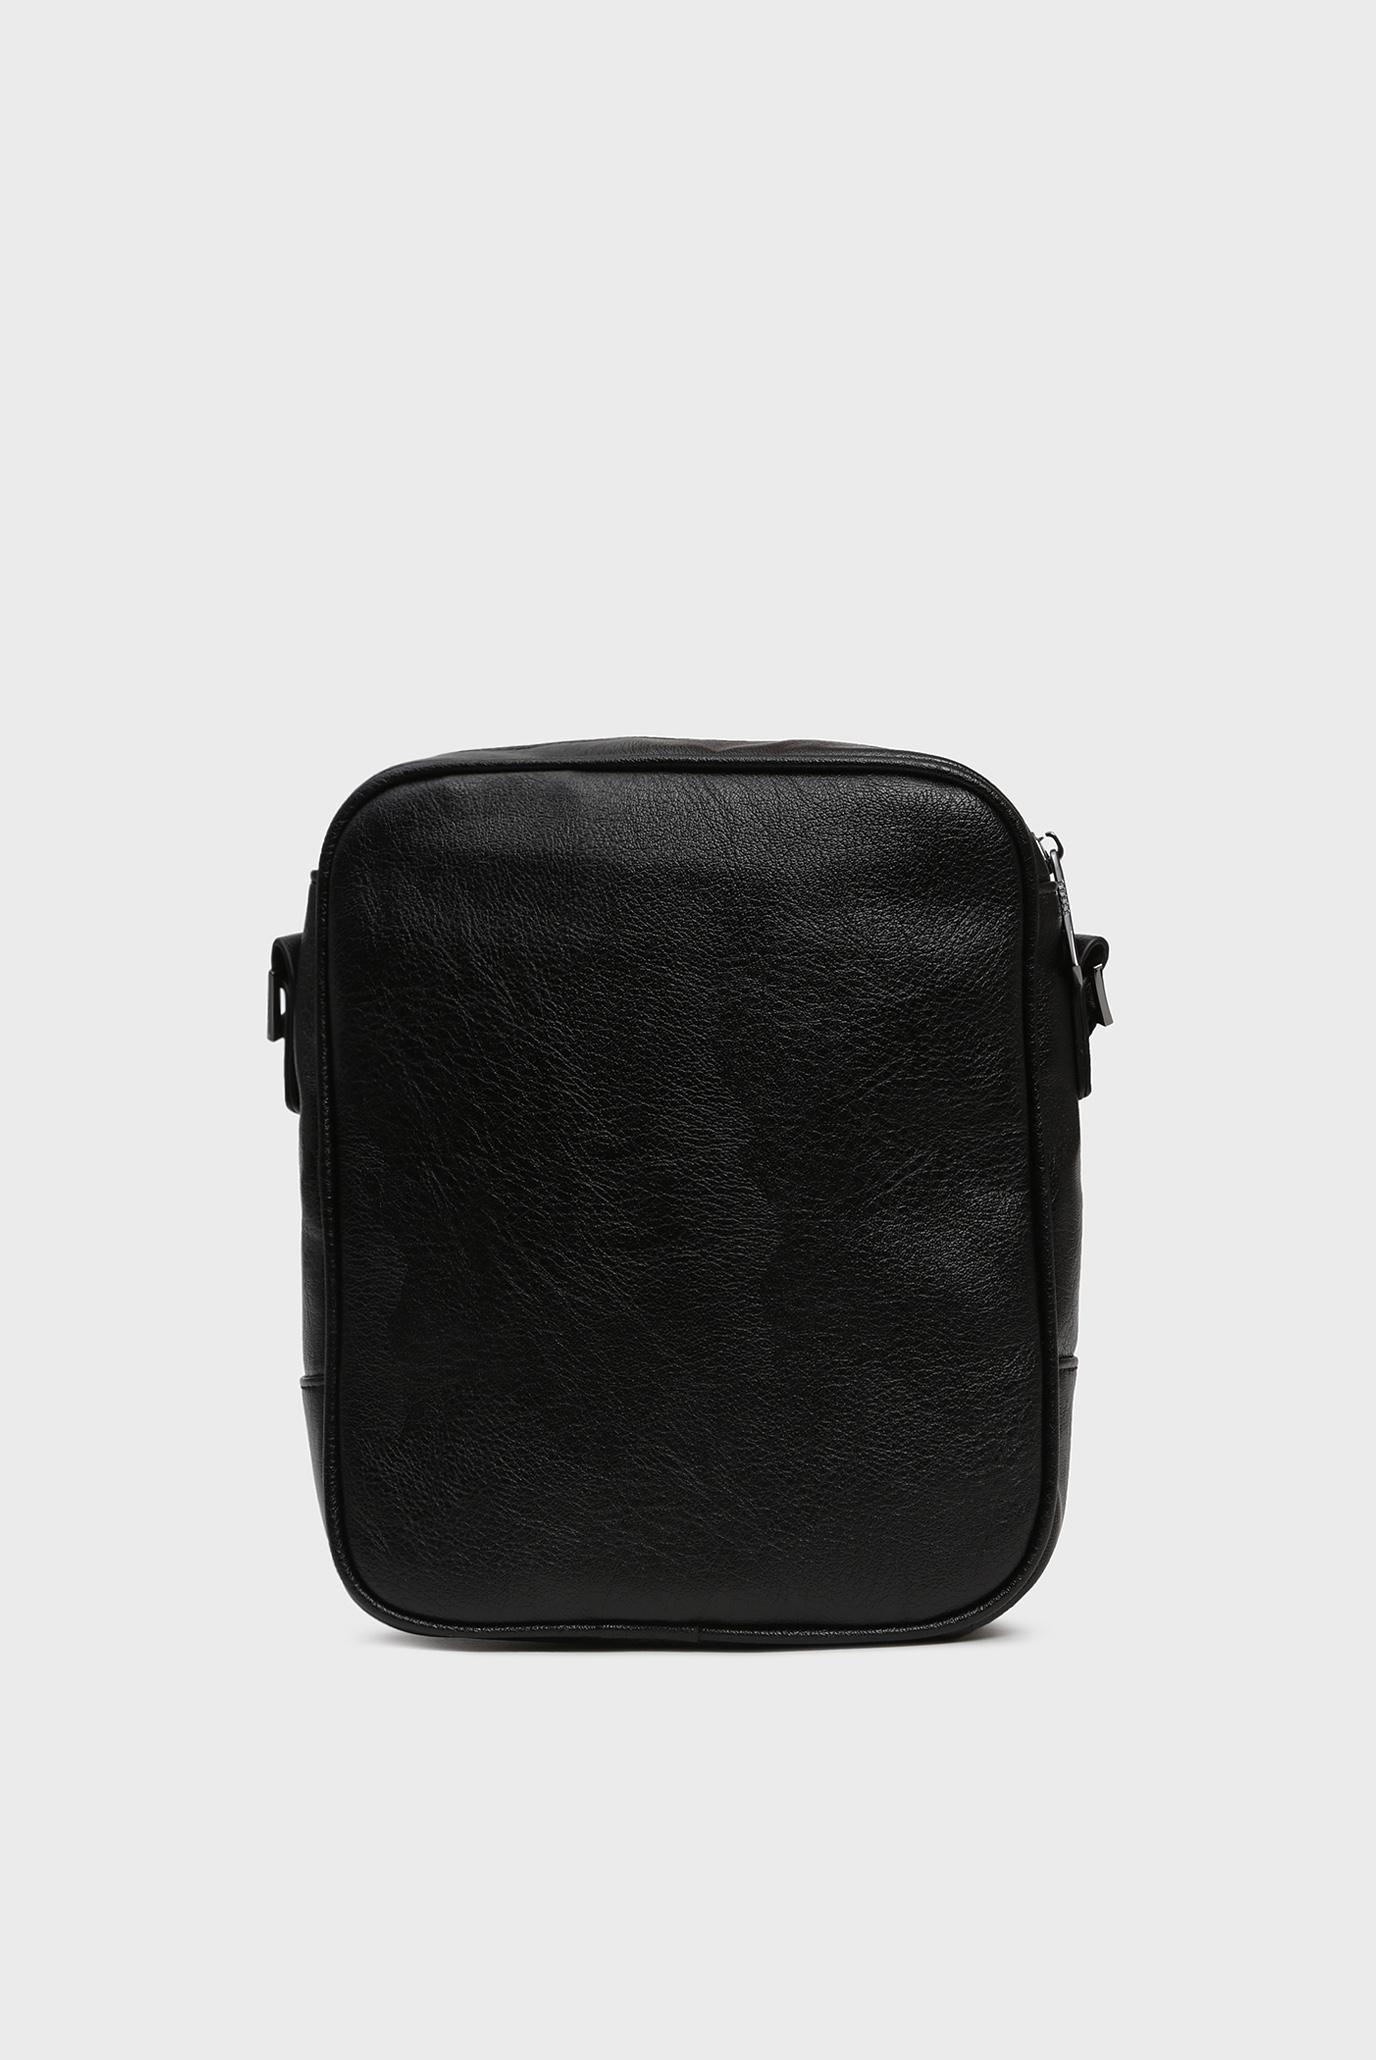 Купить Мужская черная сумка через плечо CITY TOP ZIP CROSSBODY Guess Guess HM6713POL93 – Киев, Украина. Цены в интернет магазине MD Fashion